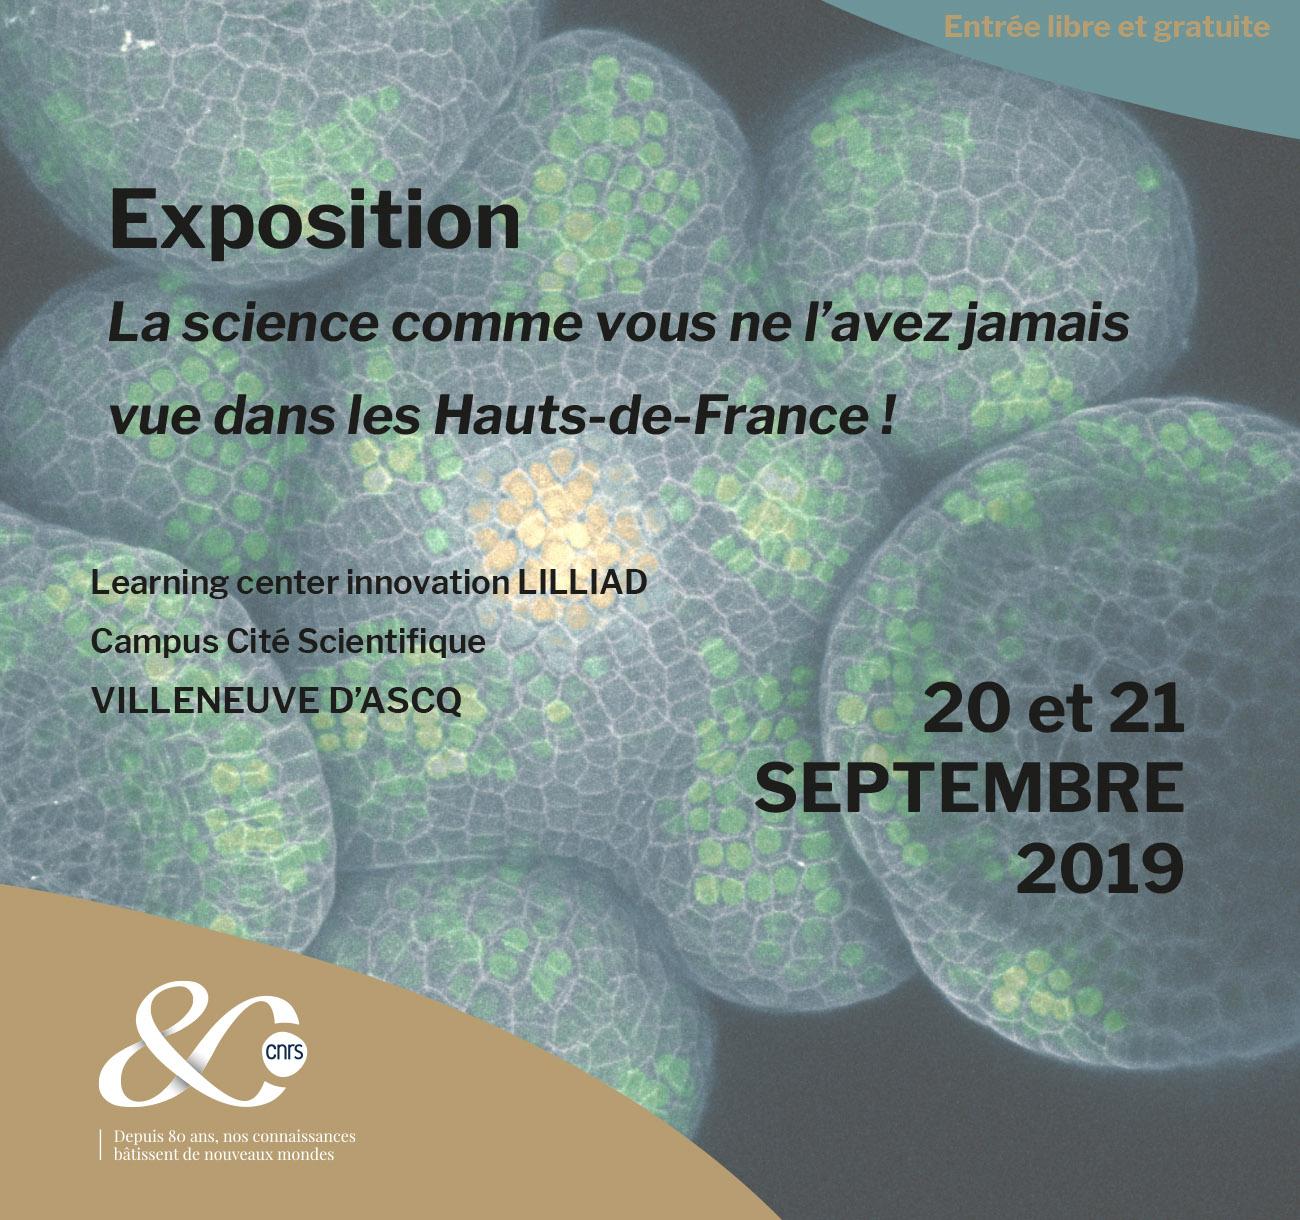 La science comme vous ne l'avez jamais vue dans les Hauts-de-France ! – Villeneuve d'Ascq